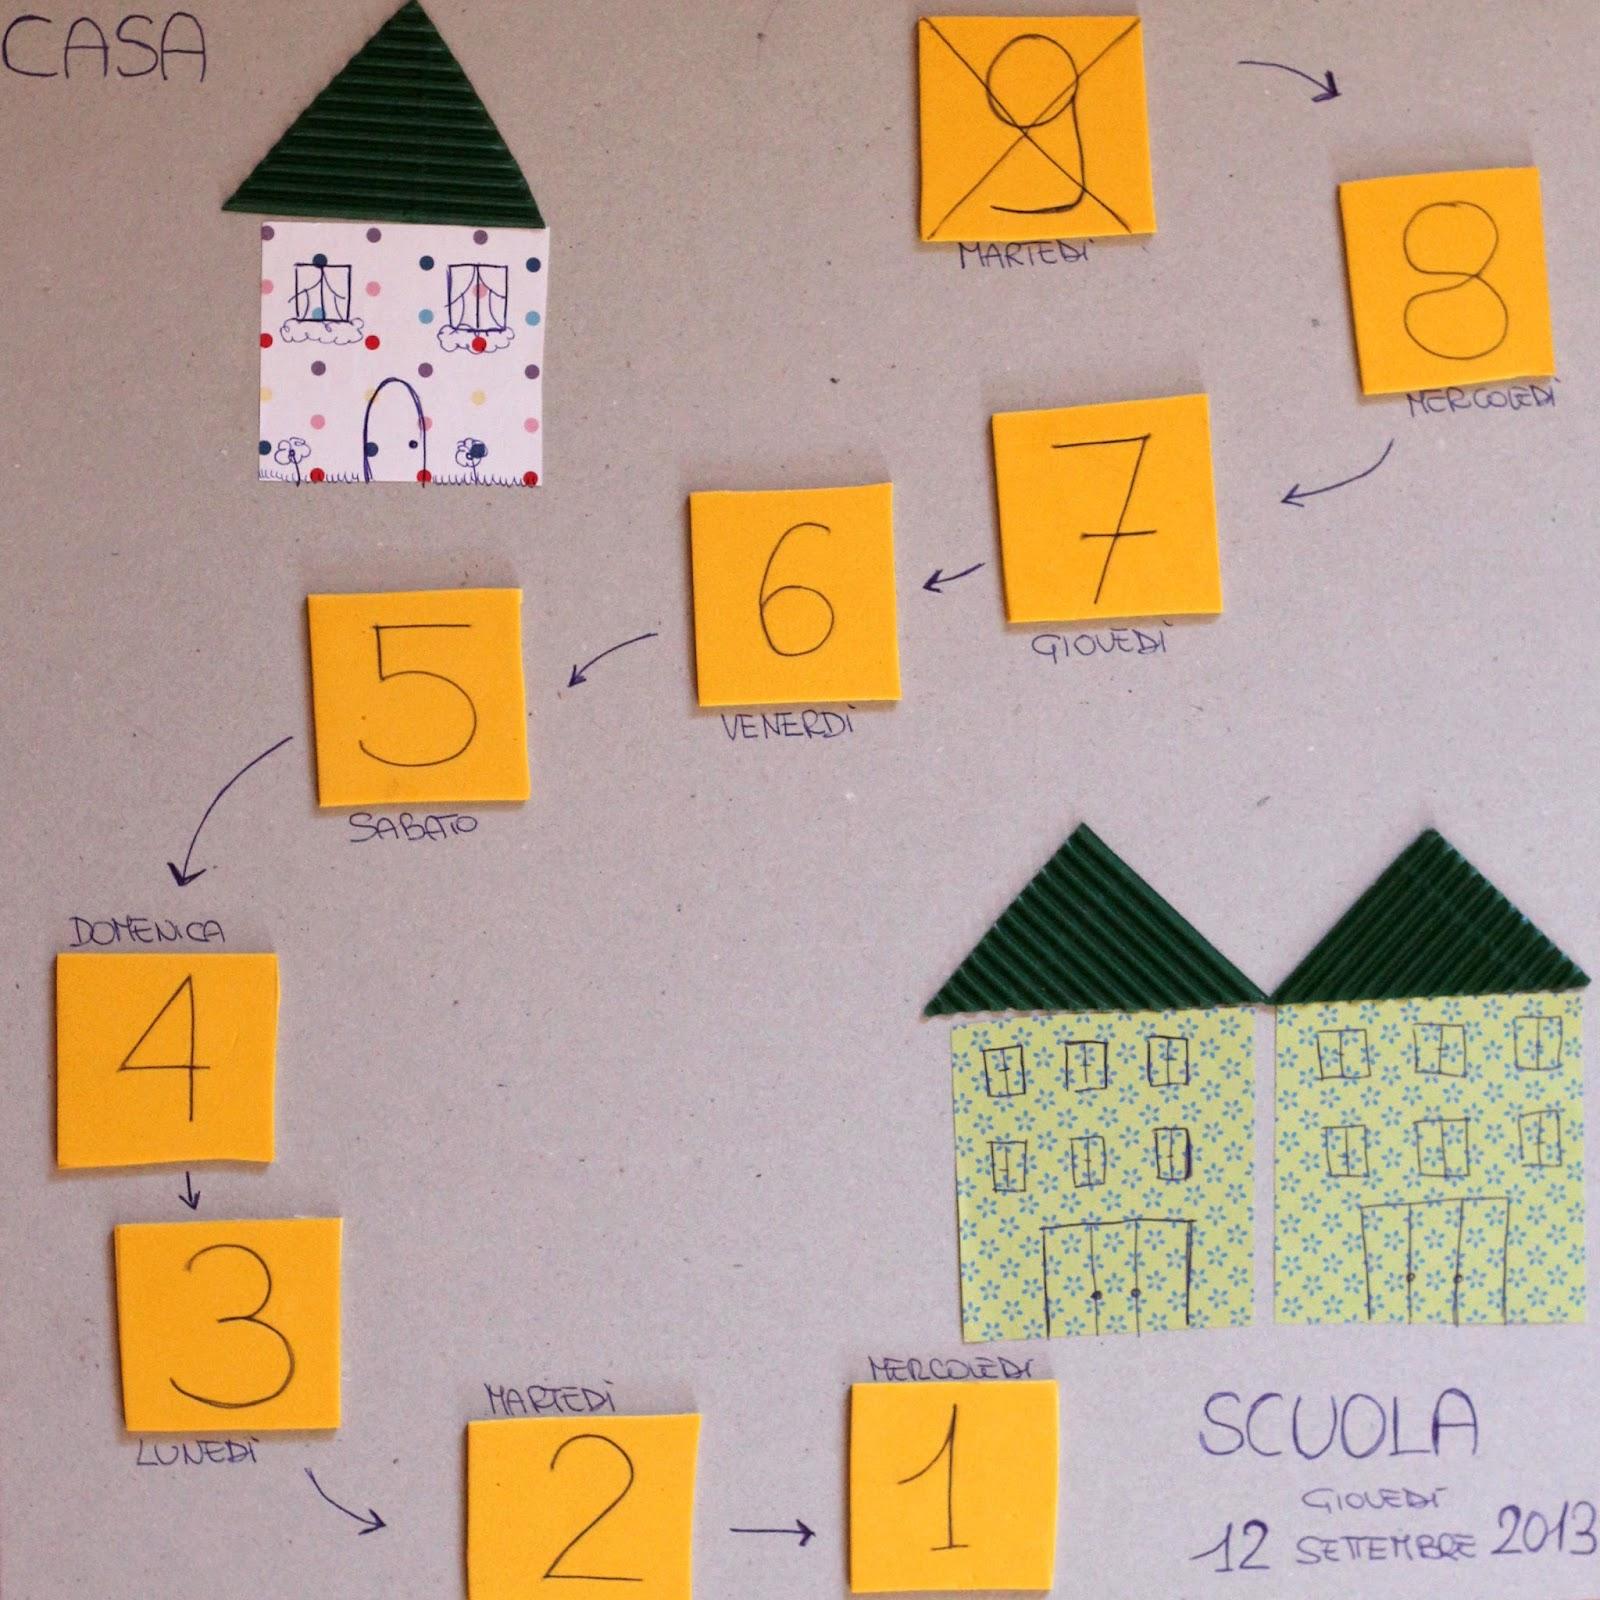 Calendario Conto Alla Rovescia.Mamma Giochiamo Scuola Calendario Per Il Conto Alla Rovescia